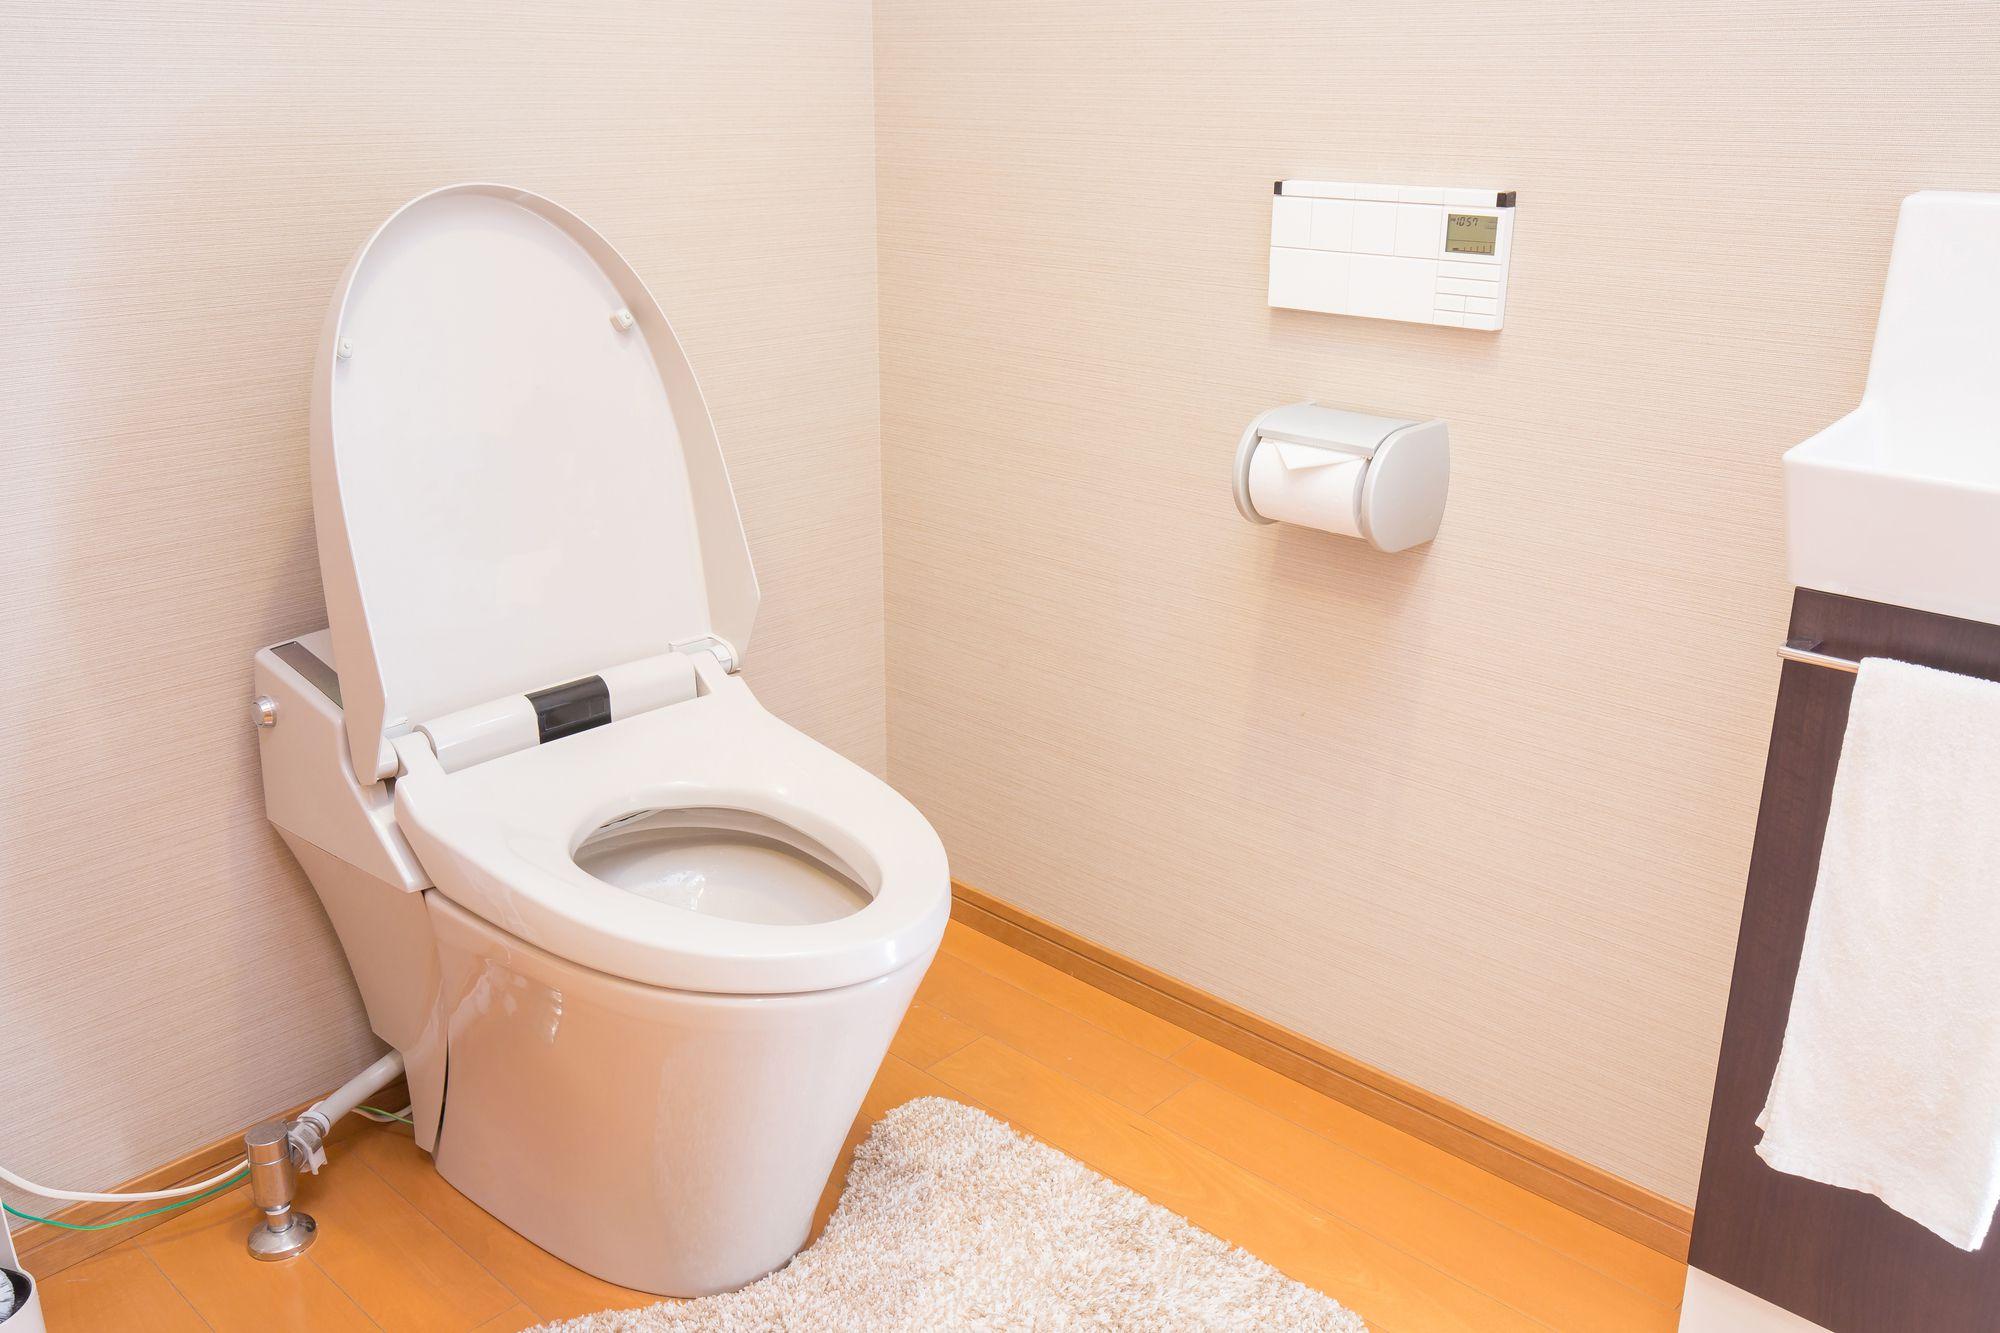 自分でもできるトイレタンクの水漏れ修理方法